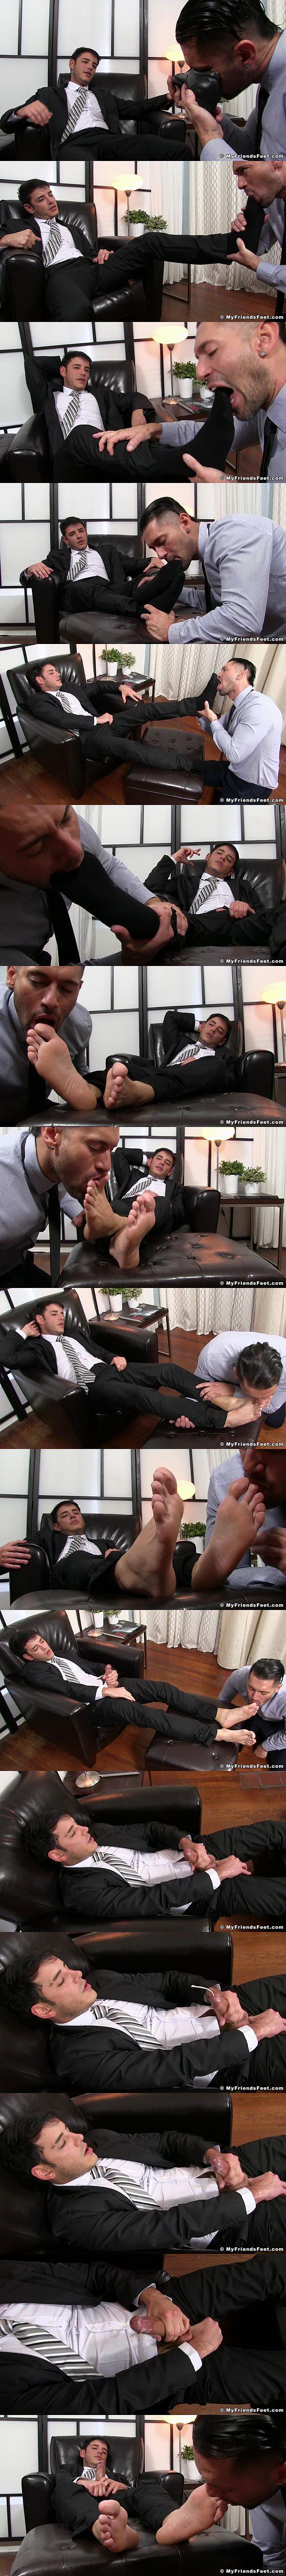 Handsome straight boss Rego dominates Alex Garrett with his feet at Myfriendsfeet 02